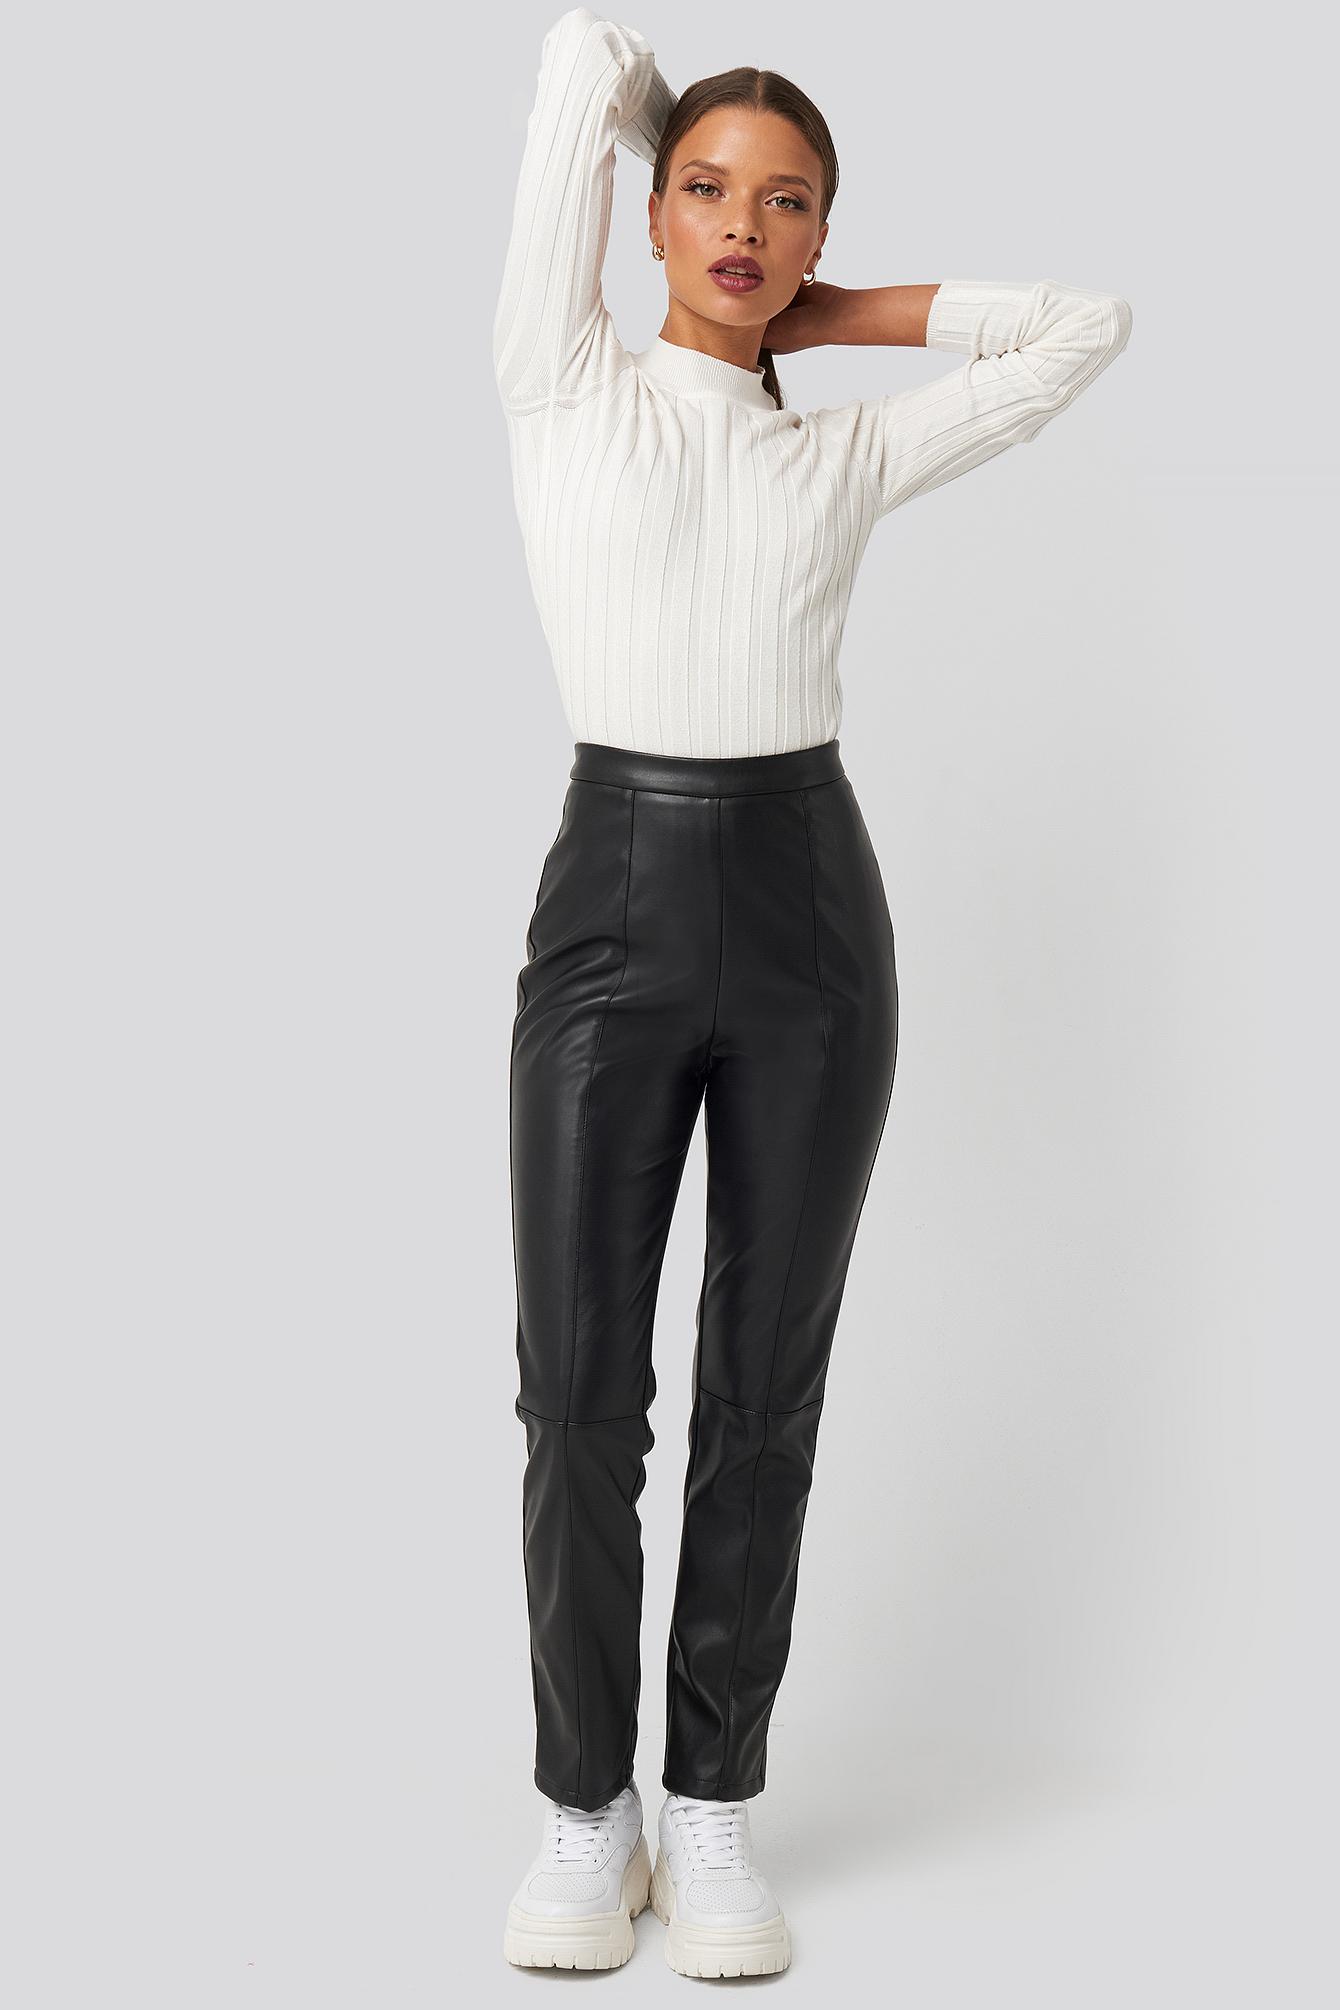 karo kauer x na-kd -  PU Leather Pants - Black